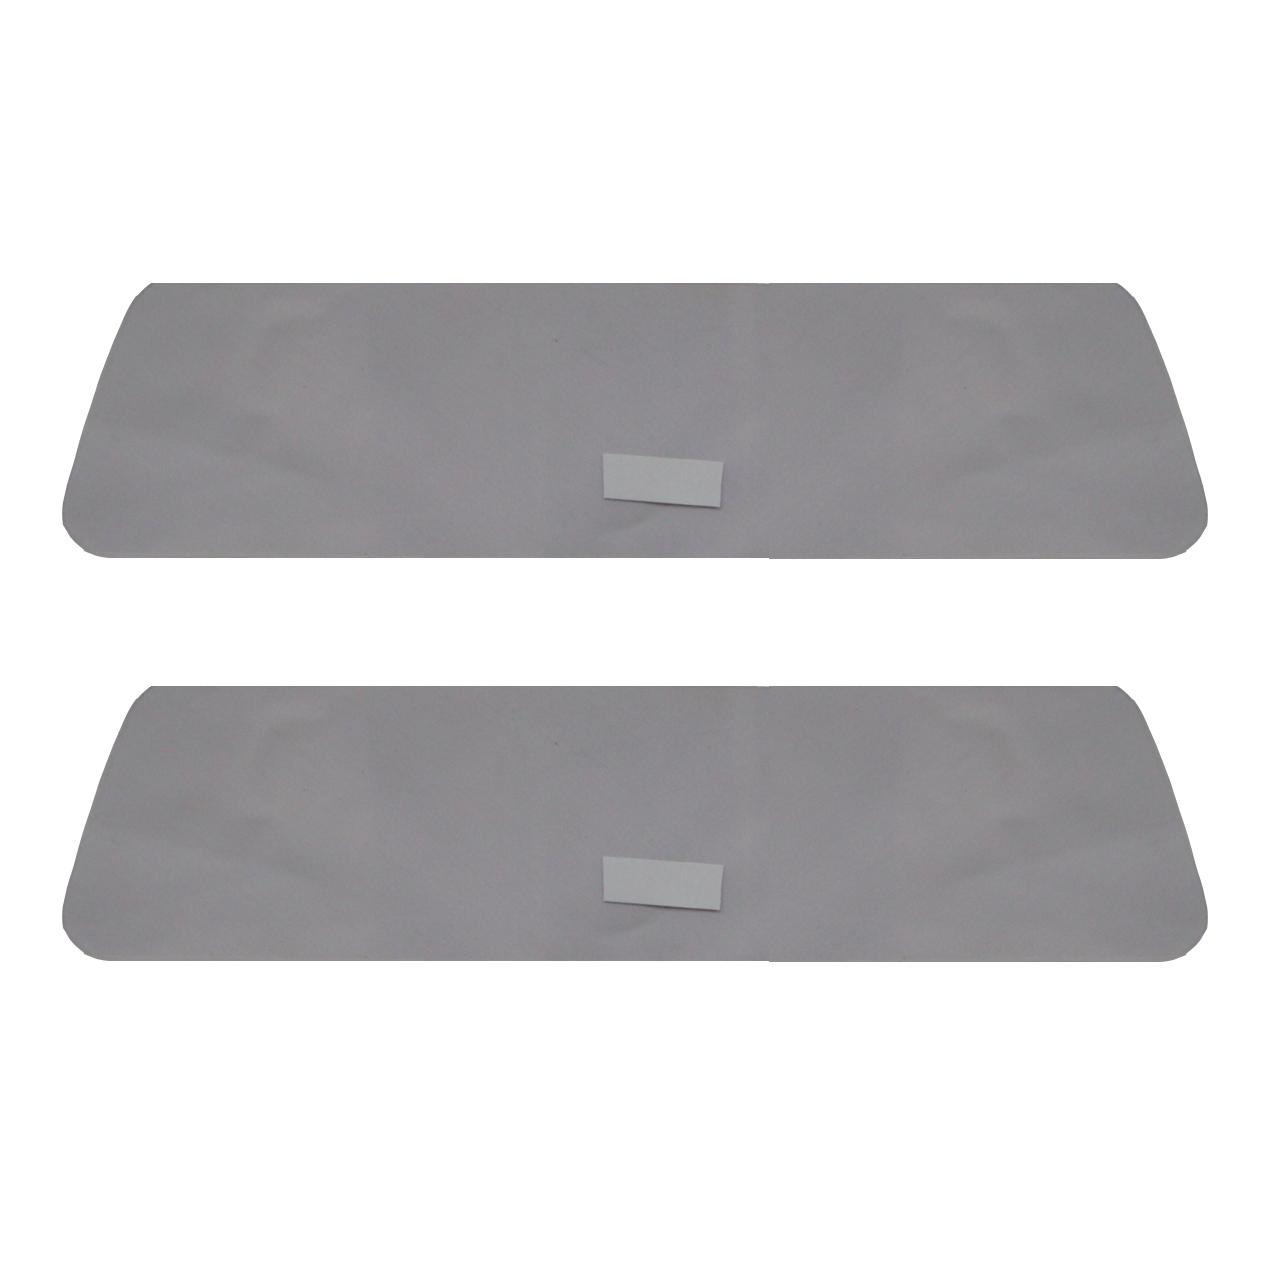 قیمت طلق روسری مدل فیکسچر 1X بسته 2 عددی